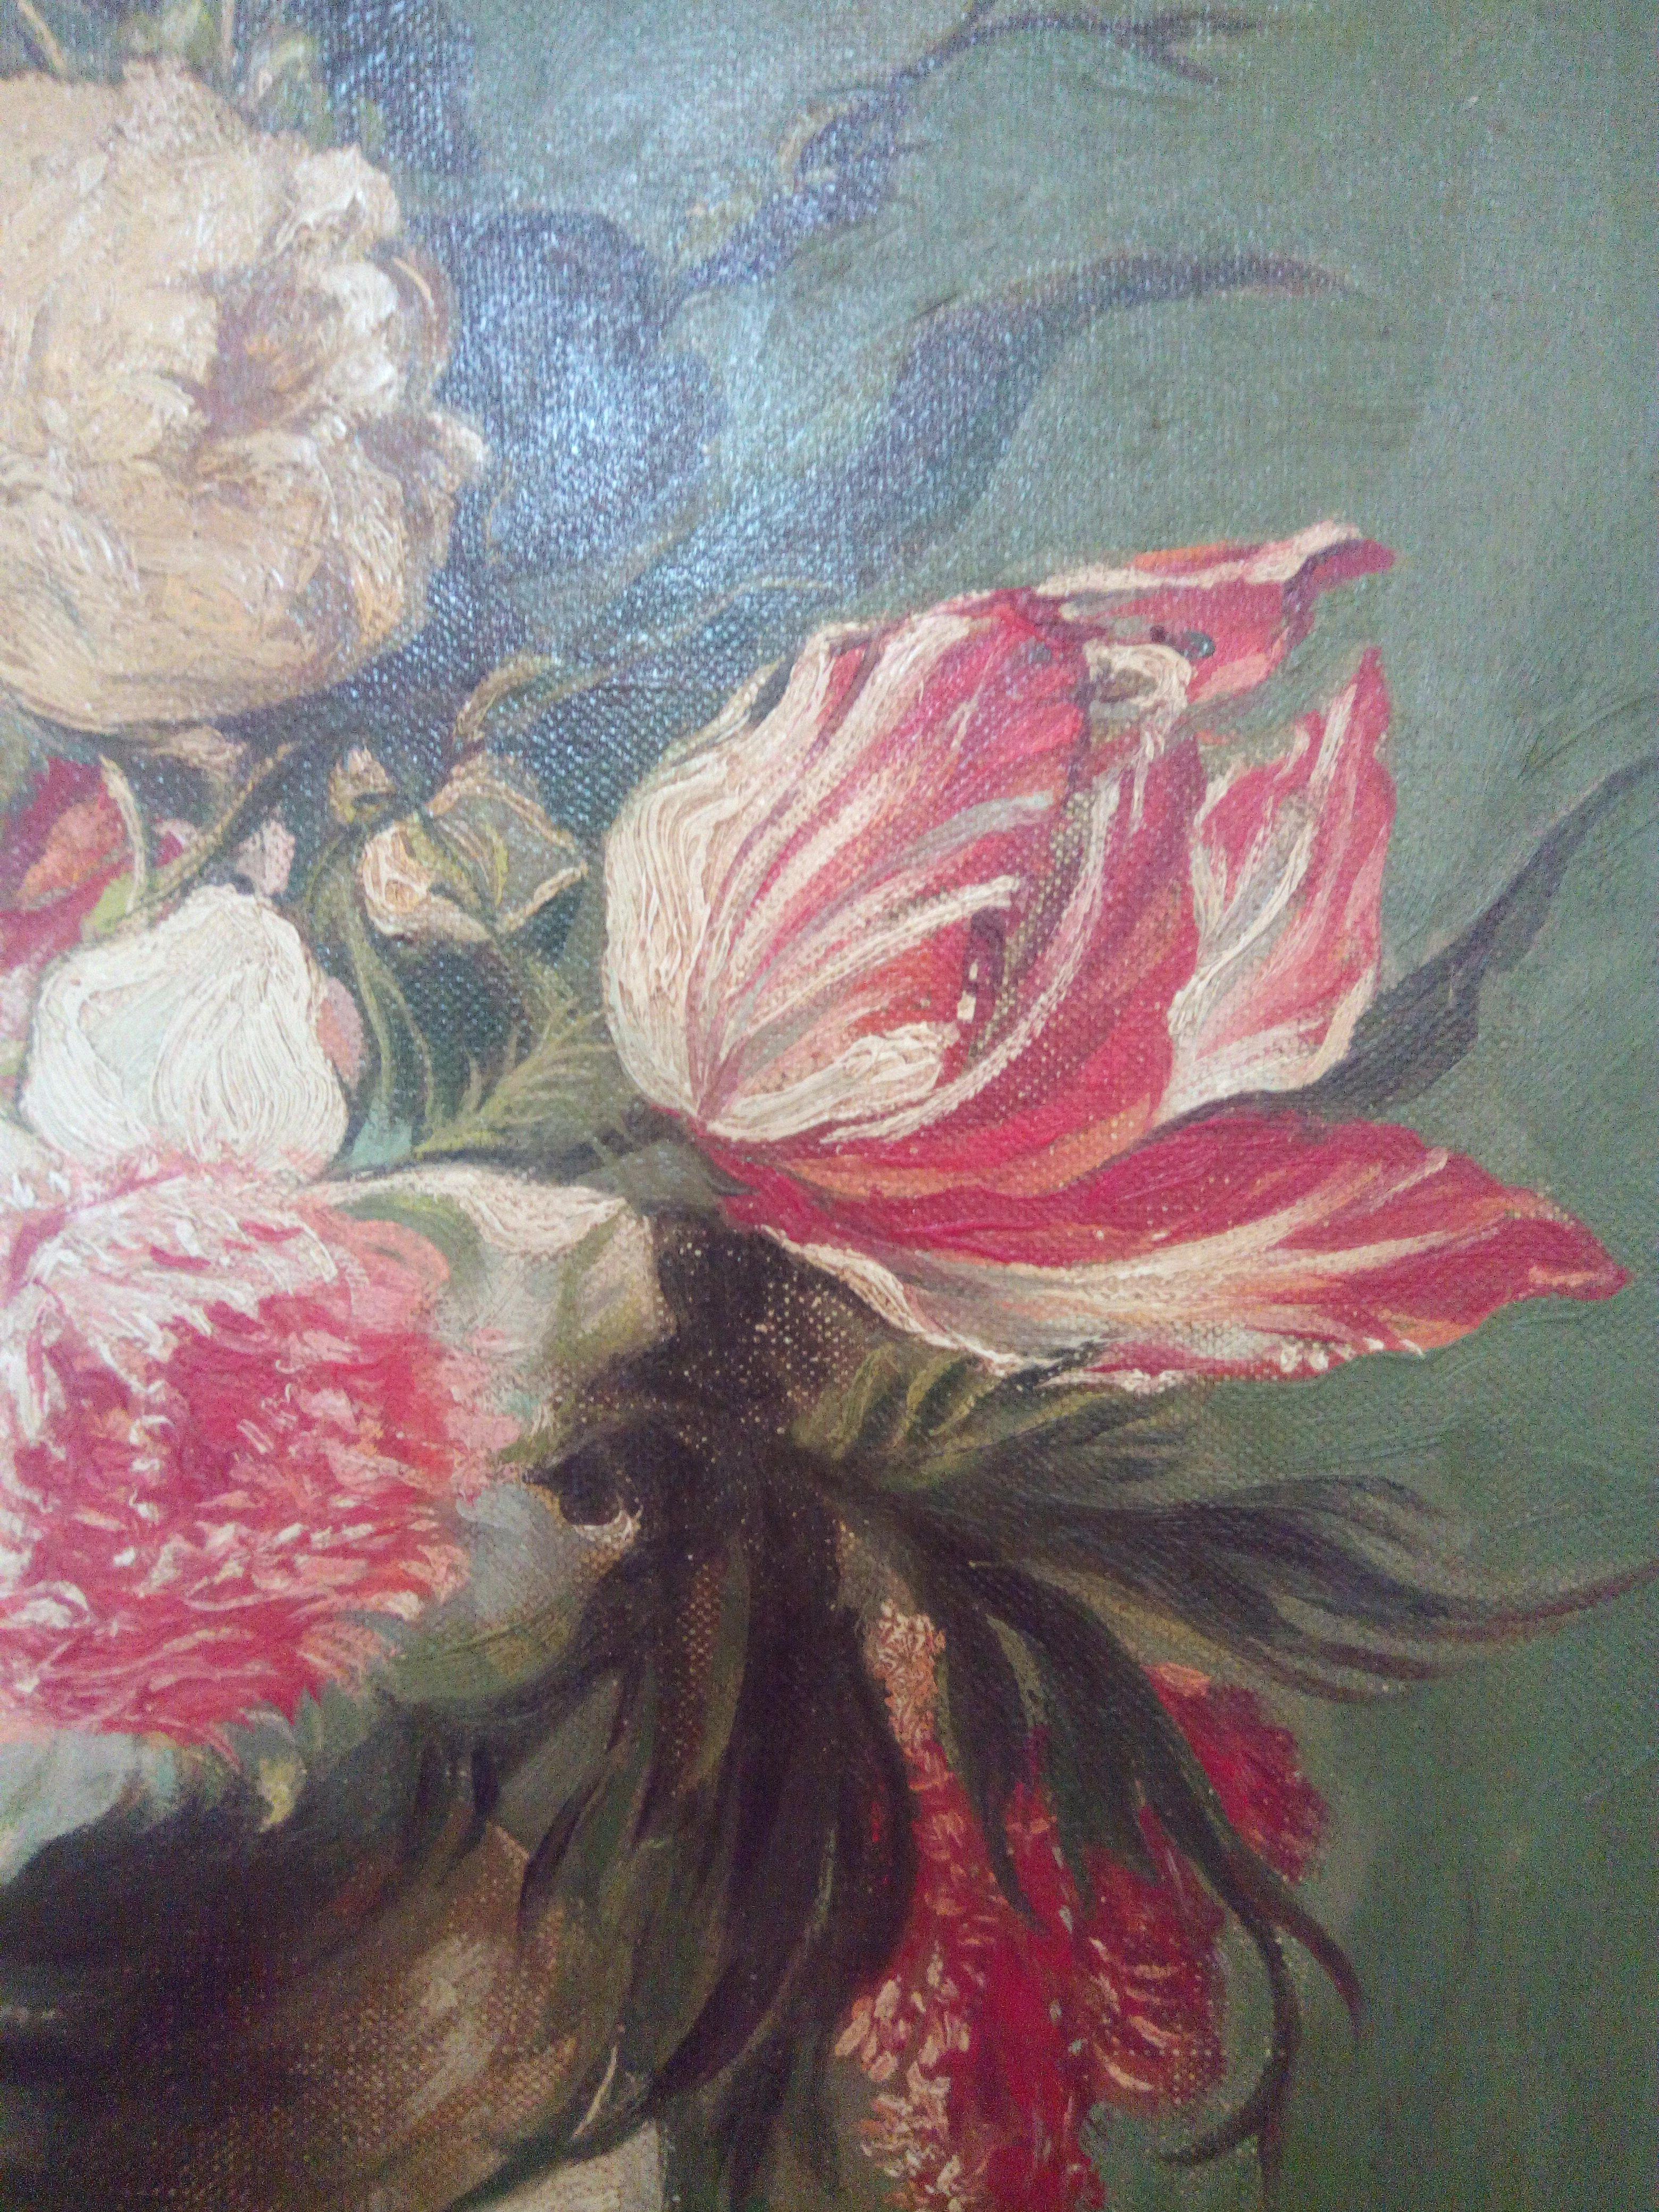 интерьера мира украшение живопись искусство цветы натюрморт красота картина